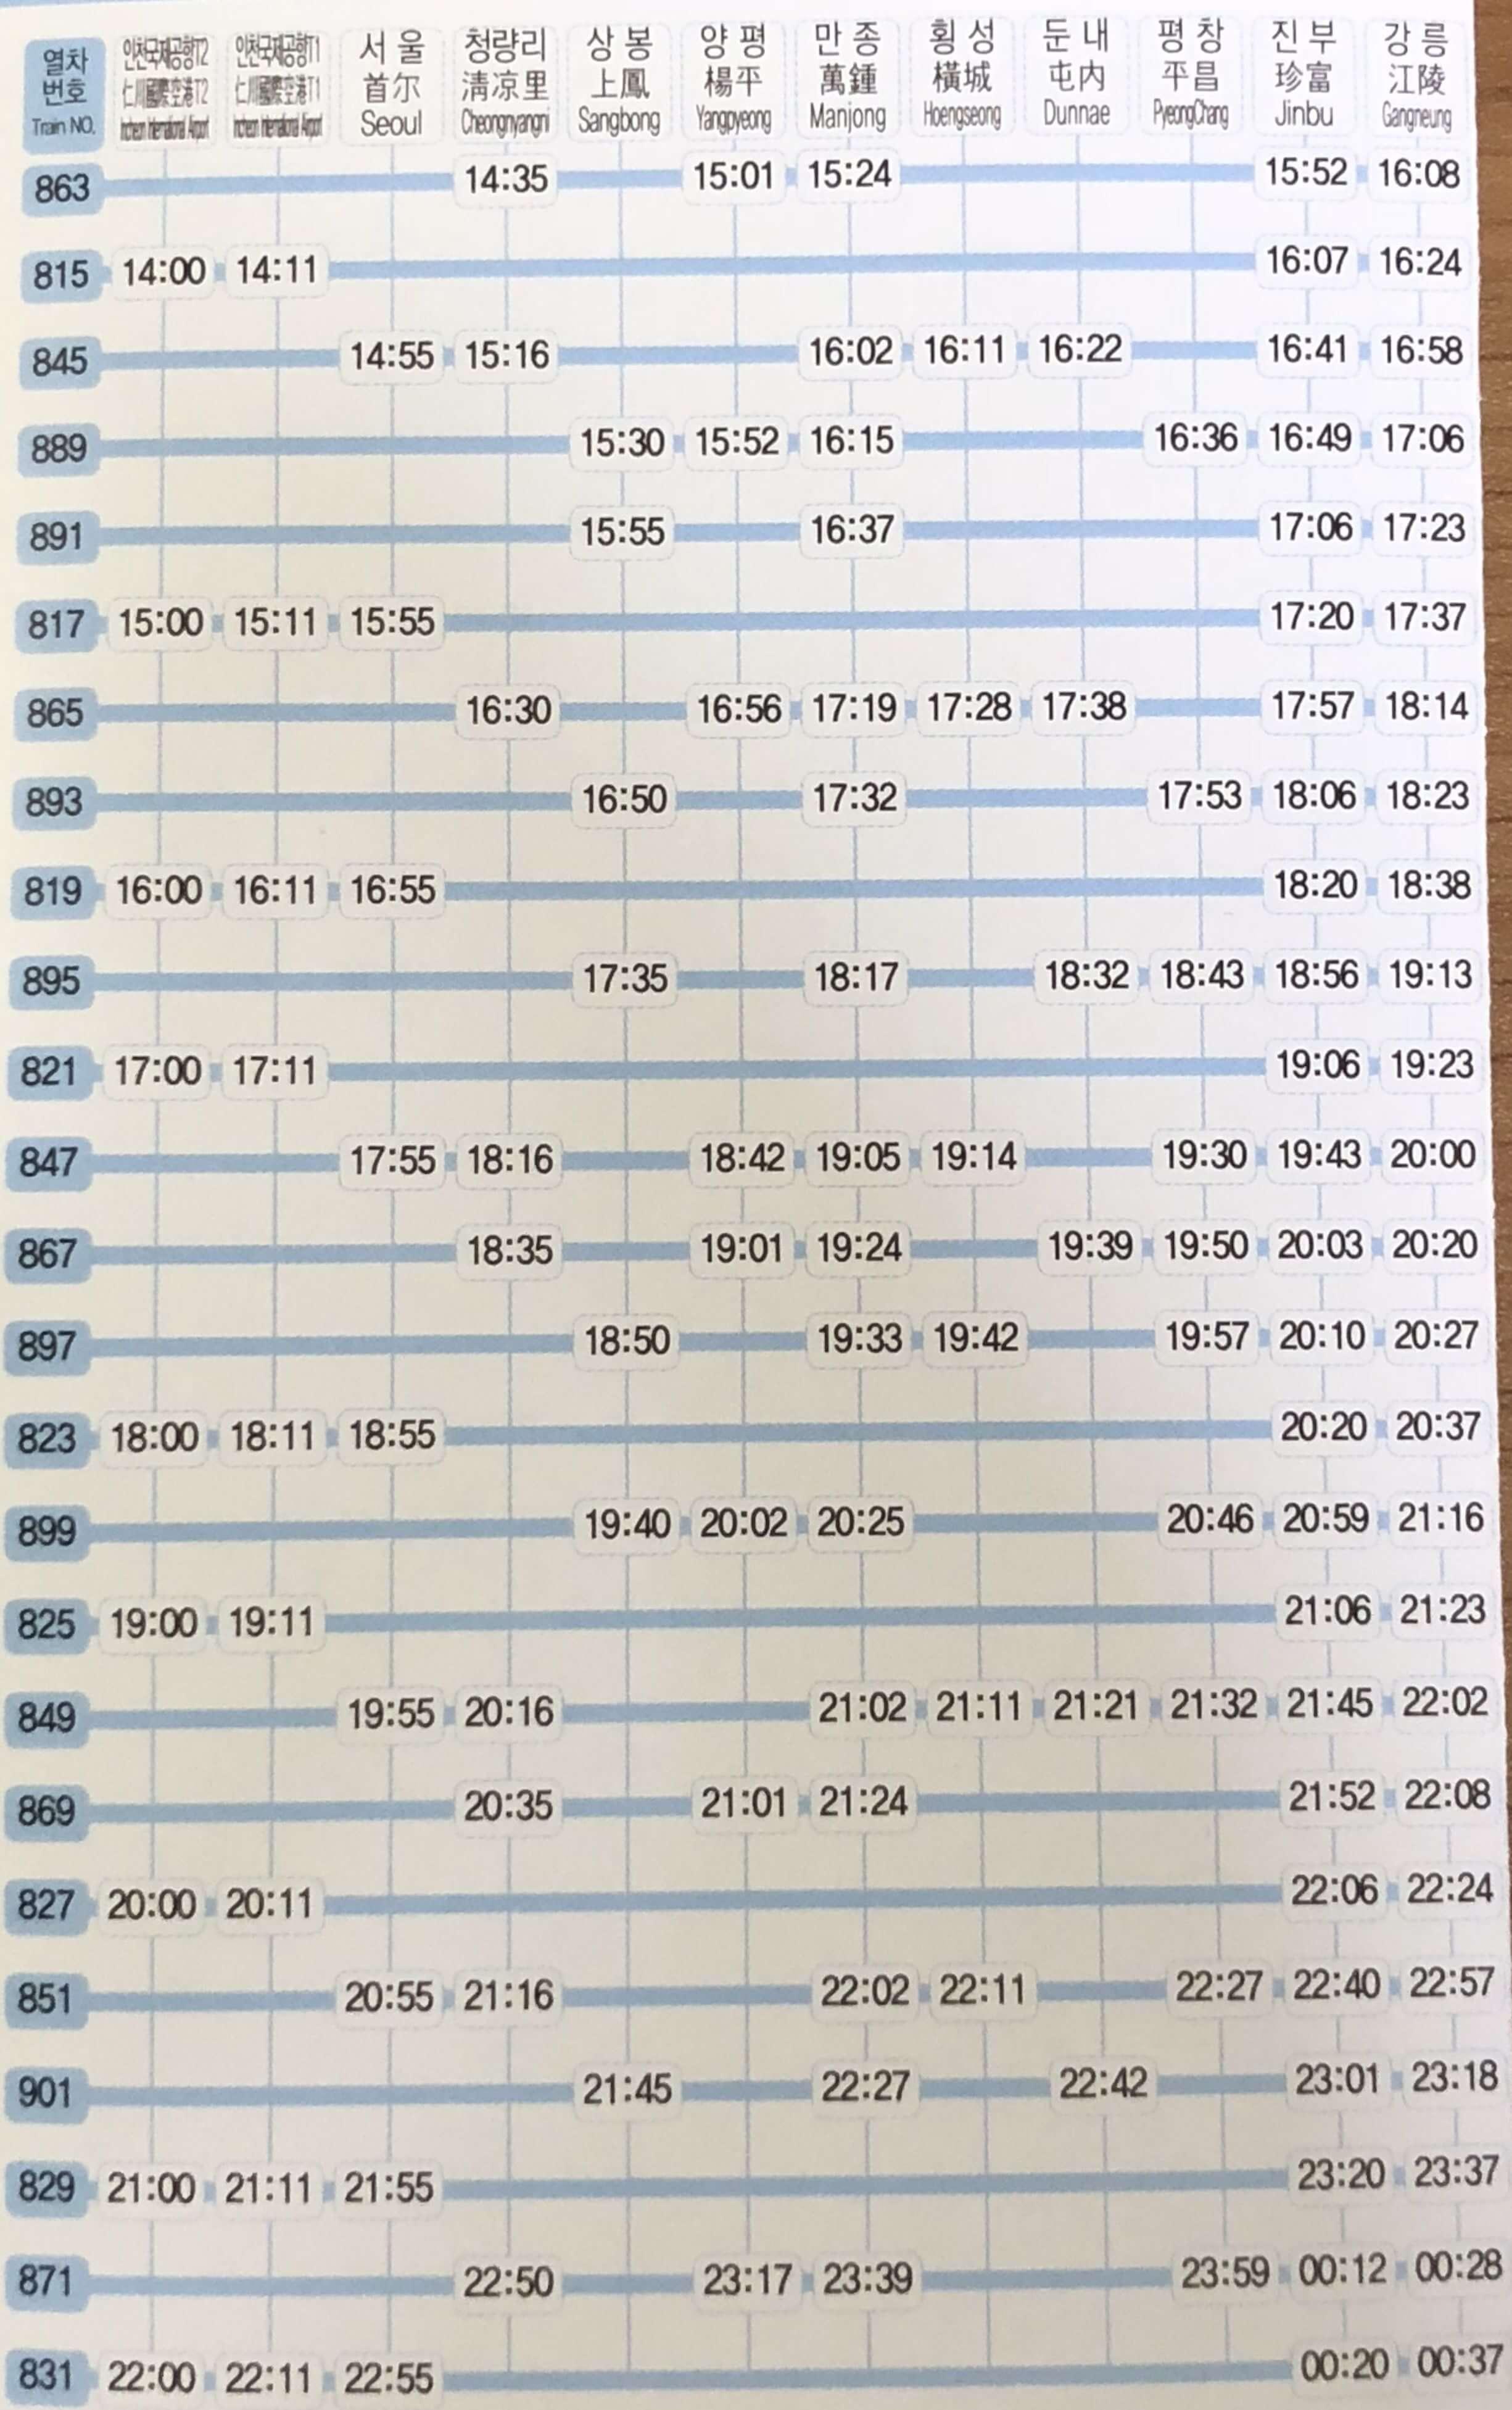 ソウルから江陵(カンヌン)のKTXの時刻表(2月25日~2月28日)2